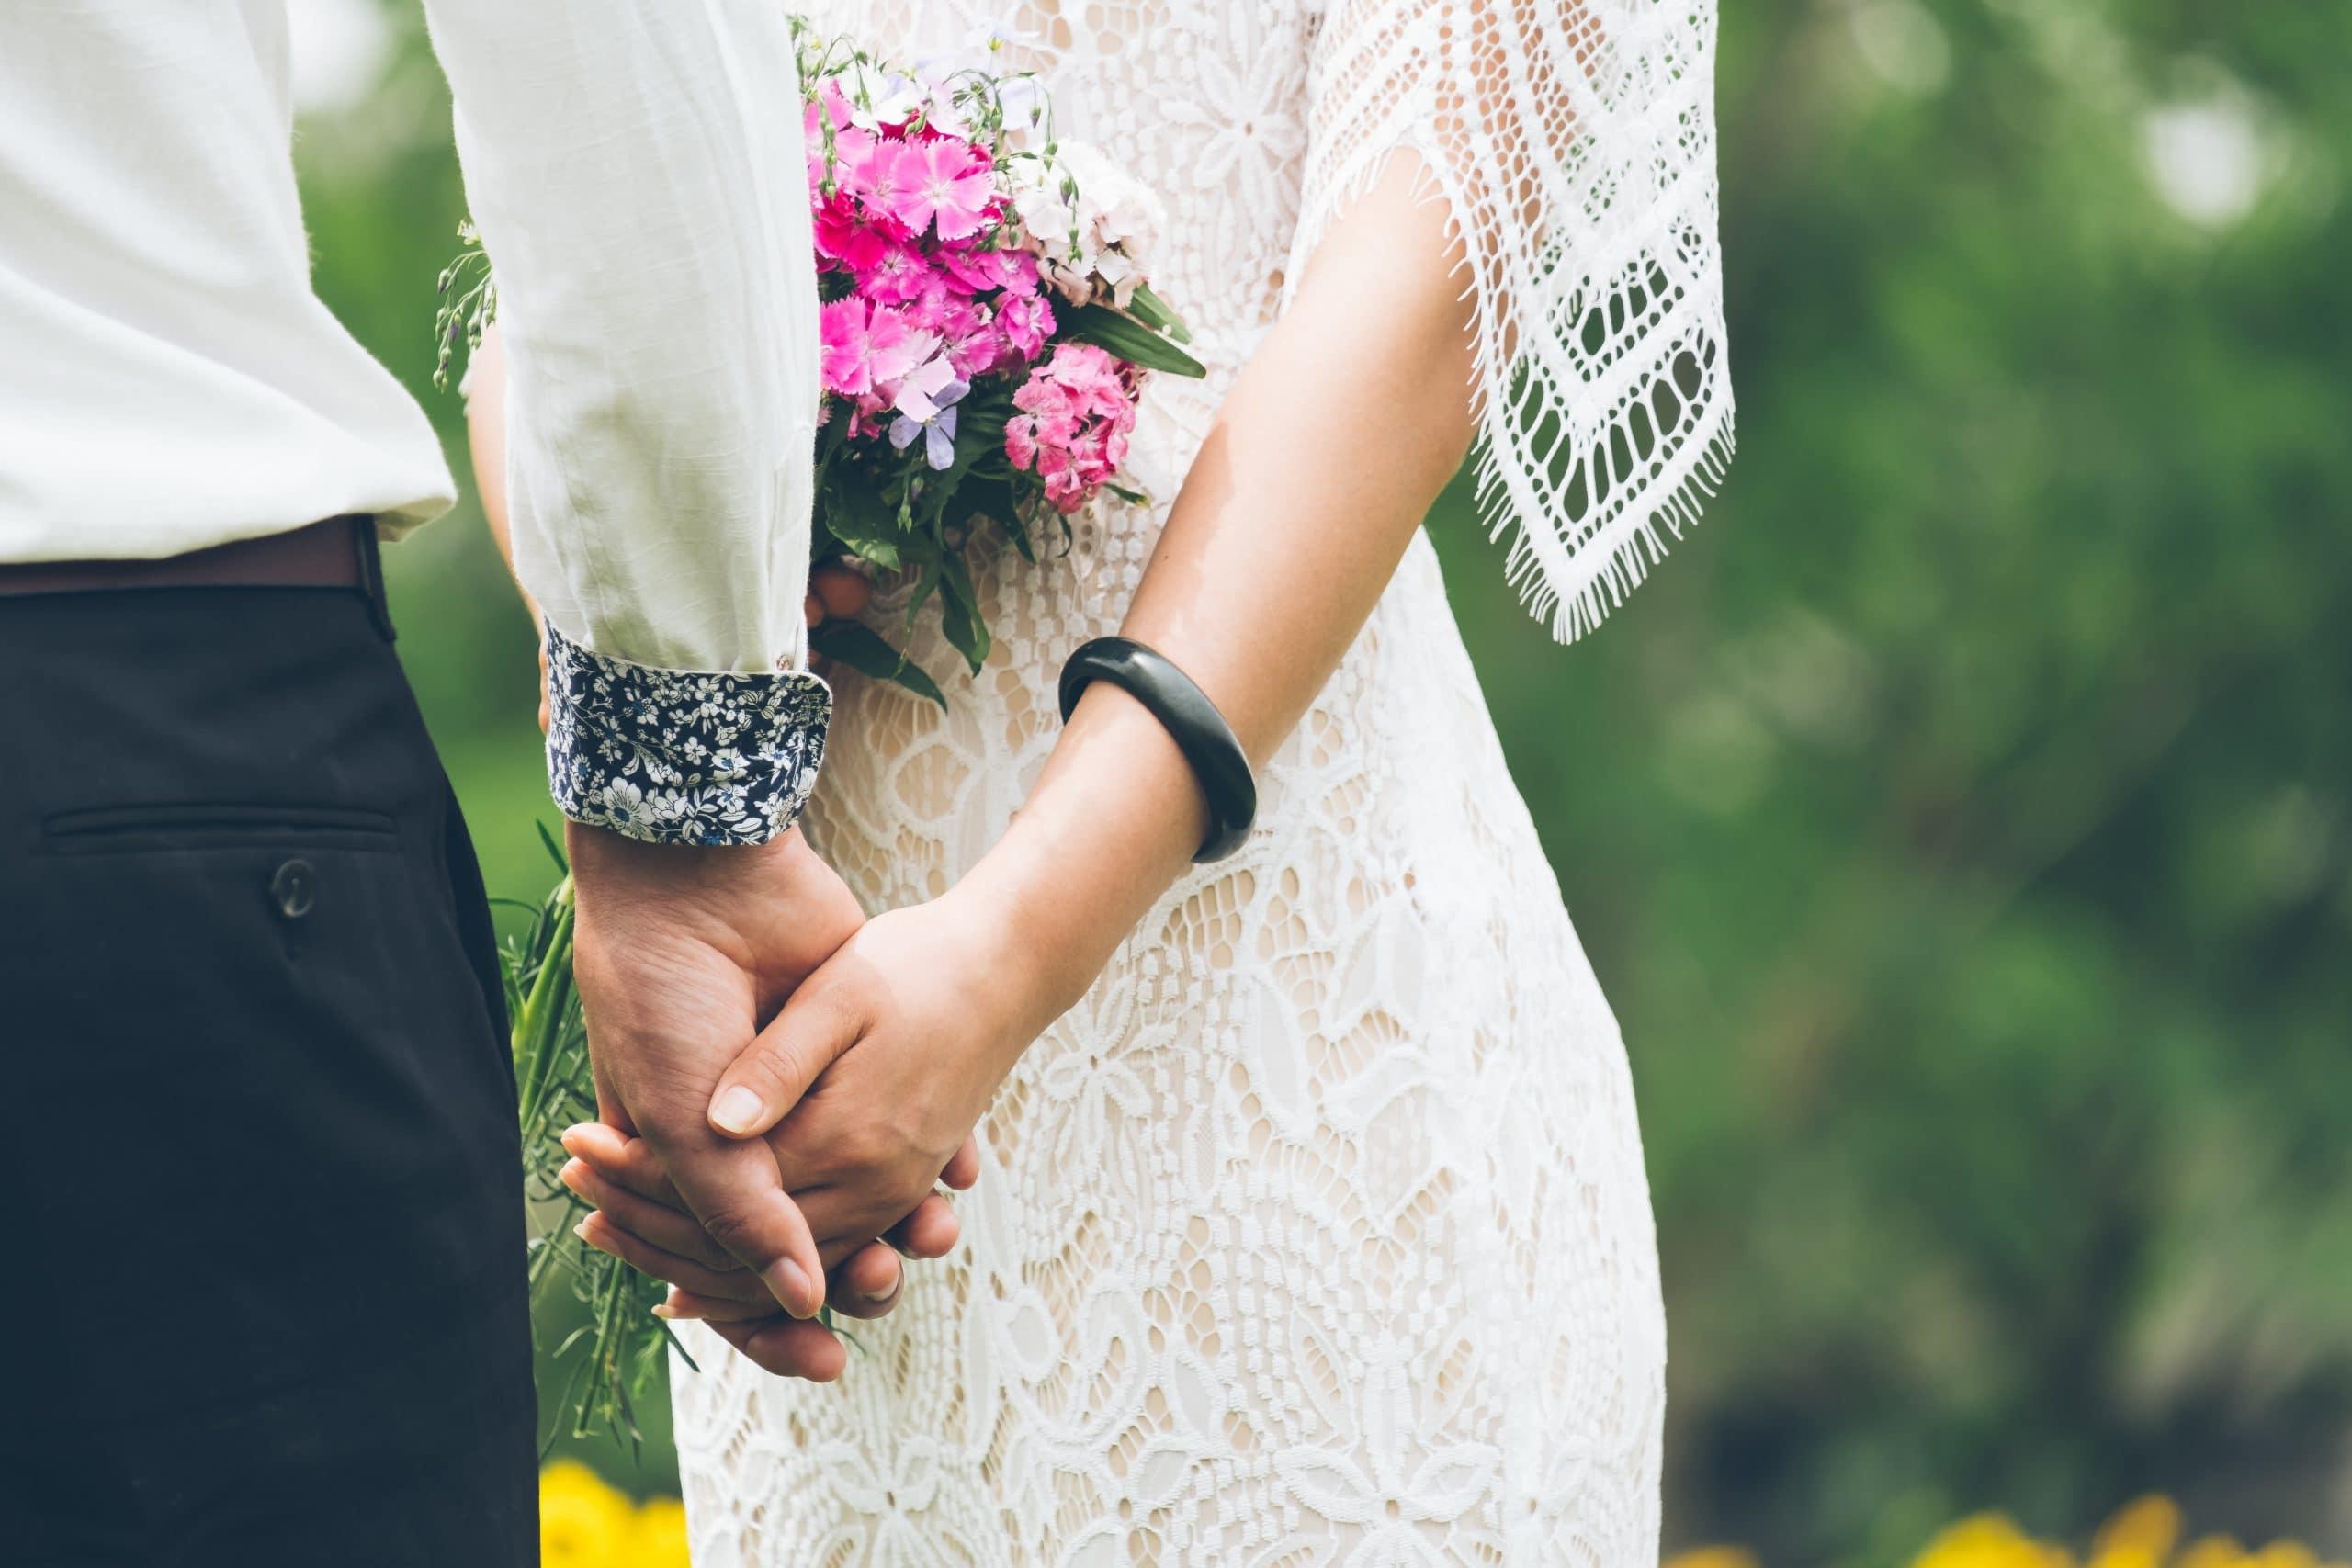 Asesoramiento antes del matrimonio. Algunos consejos